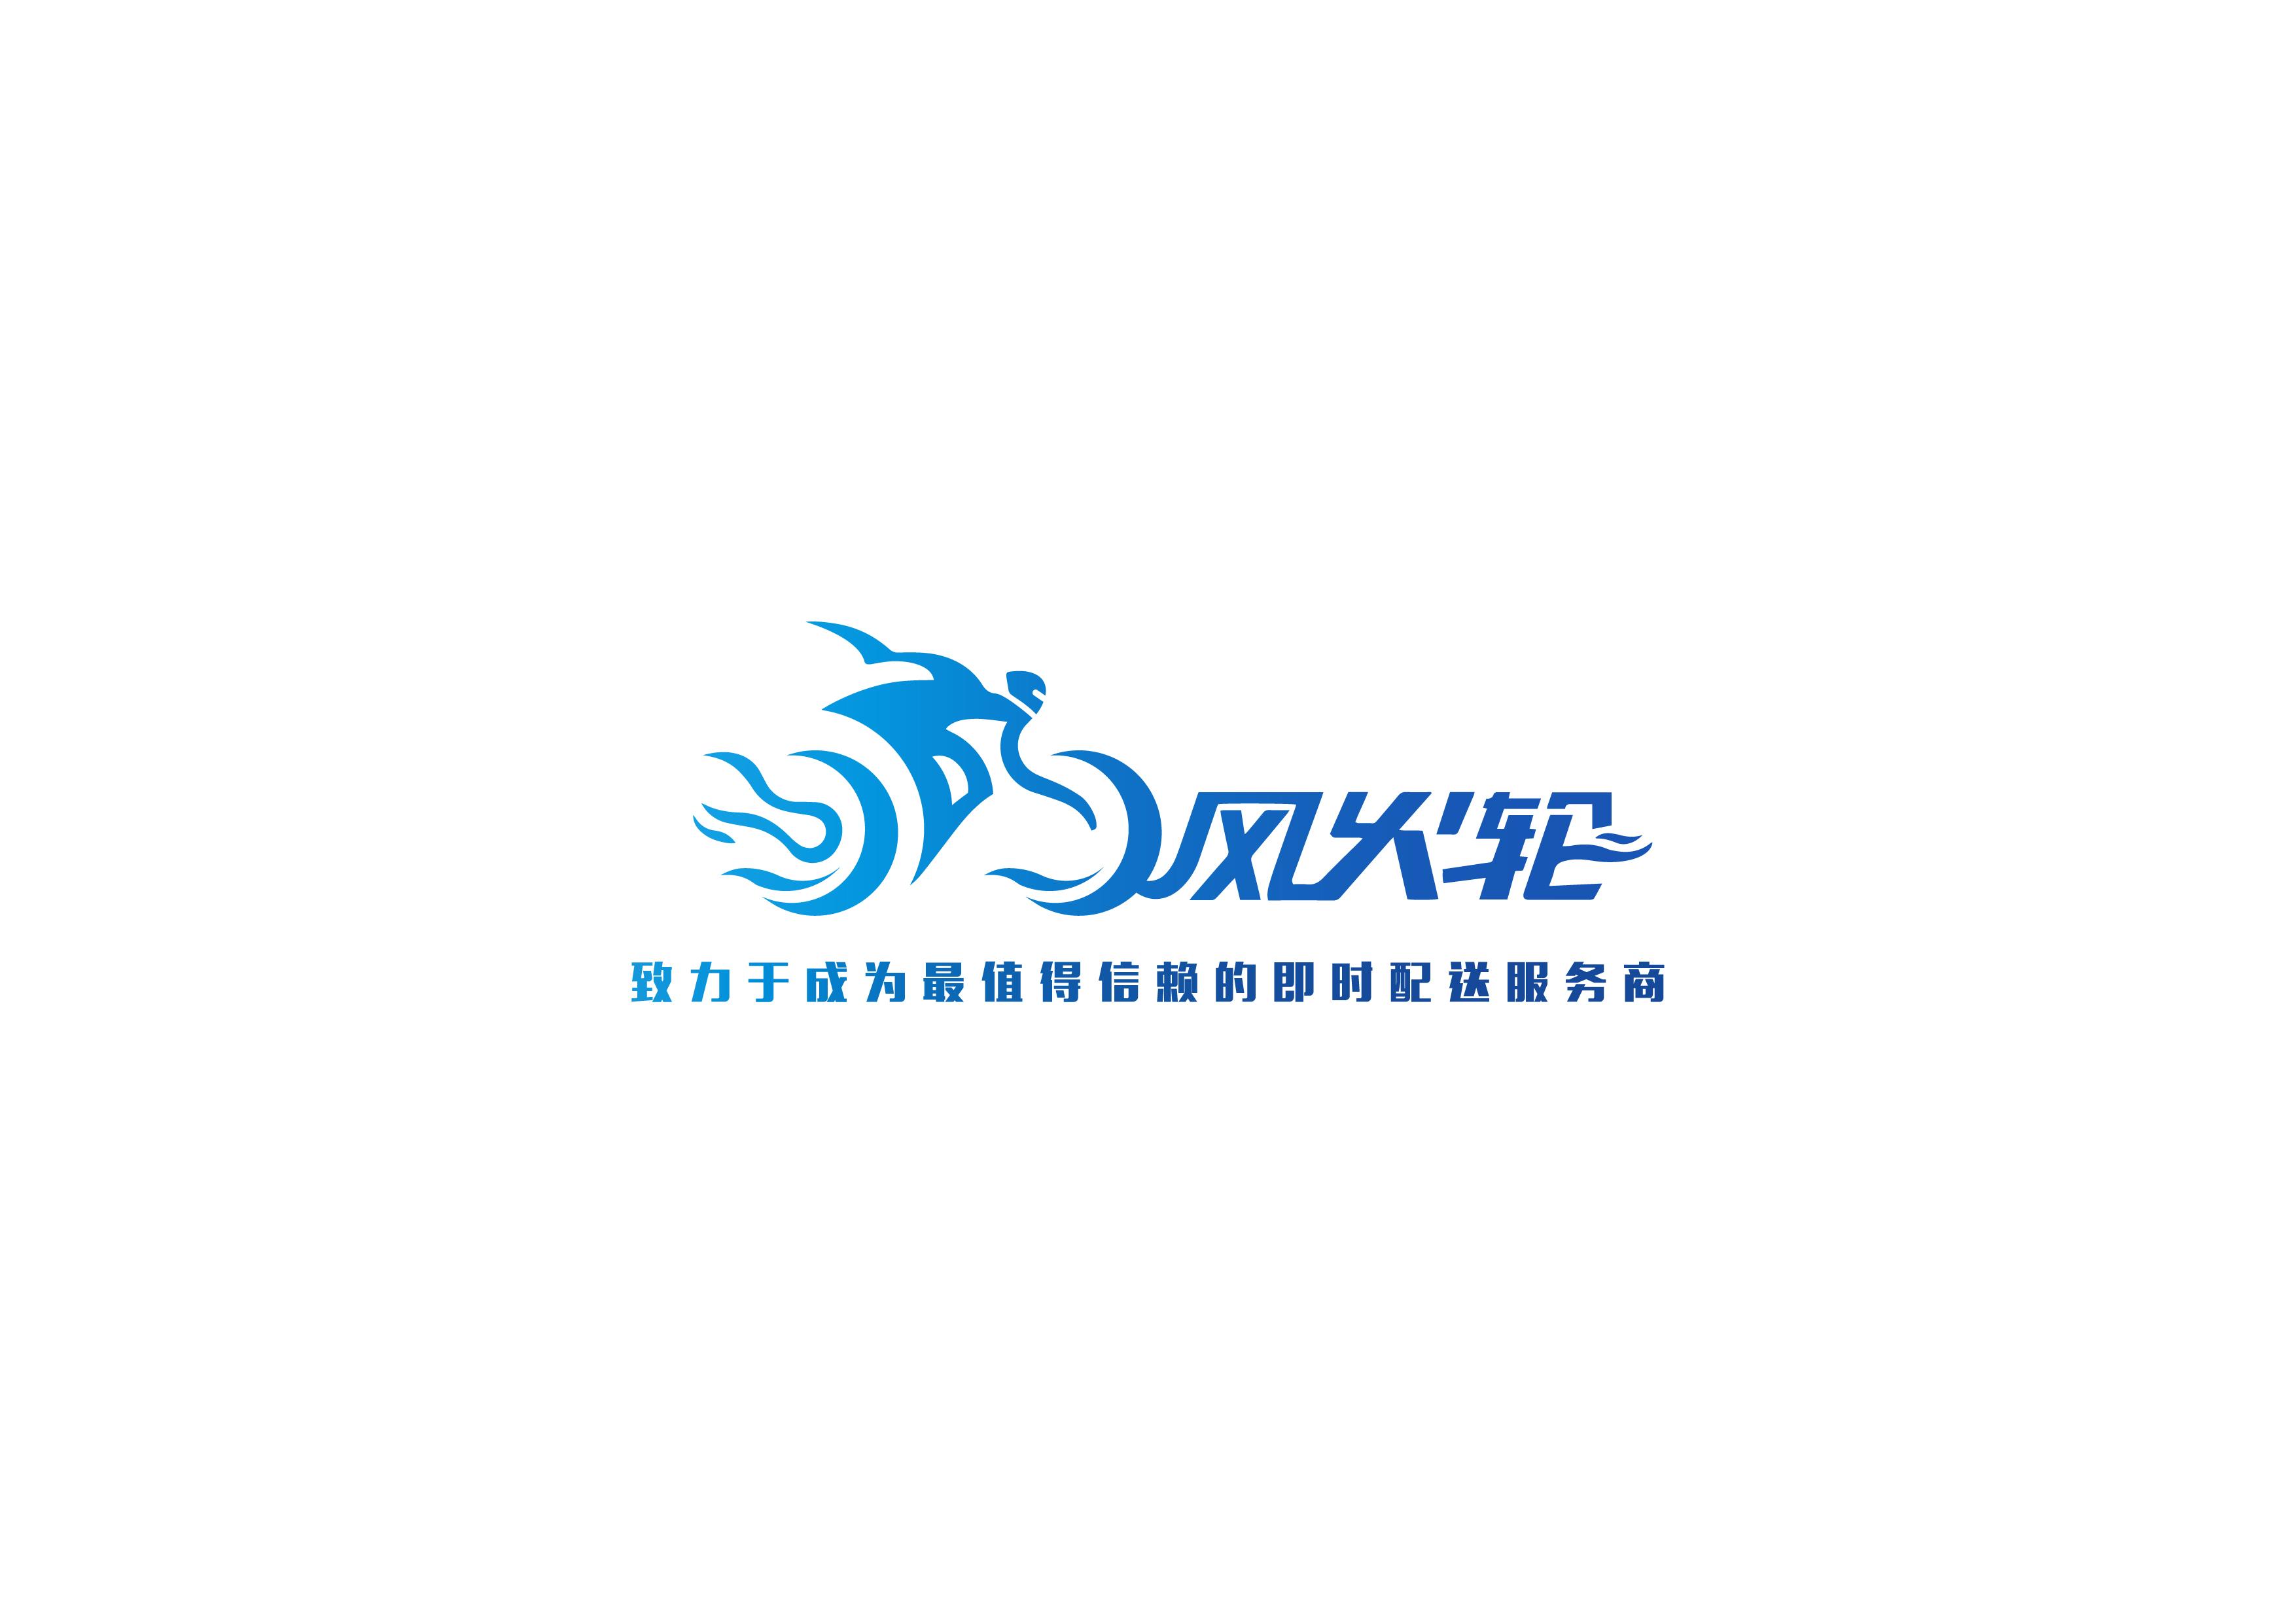 惠州市风火轮配送服务有限公司